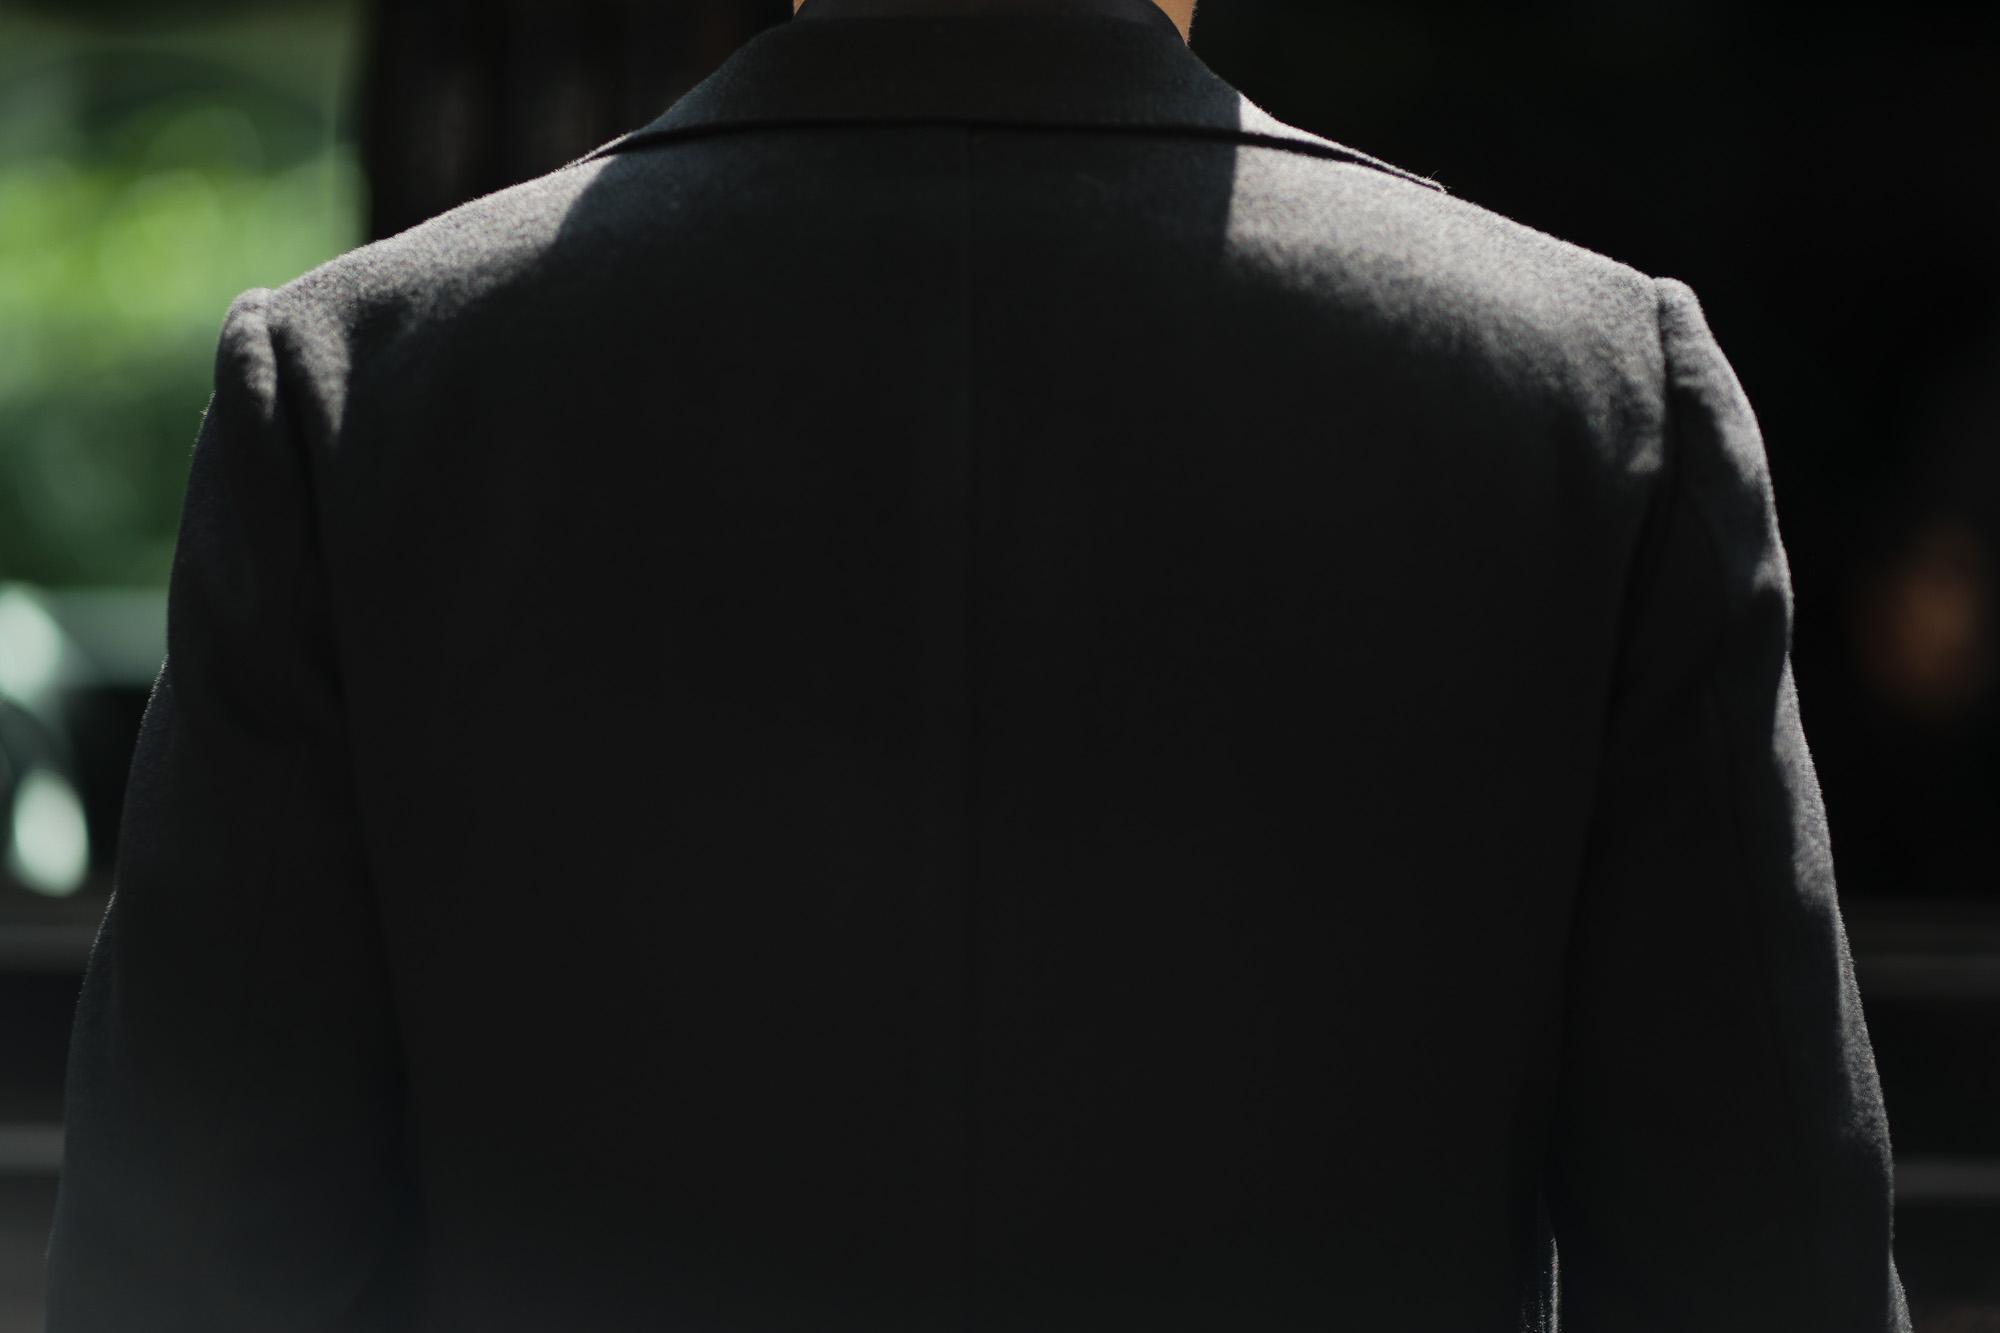 Cuervo (クエルボ) Sartoria Collection (サルトリア コレクション) Lobb (ロブ) Cashmere カシミア 3B ジャケット BLACK (ブラック) MADE IN JAPAN (日本製) 2019 秋冬 【ご予約受付中】愛知 名古屋 altoediritto アルトエデリット スーツ ジャケット カシミヤ